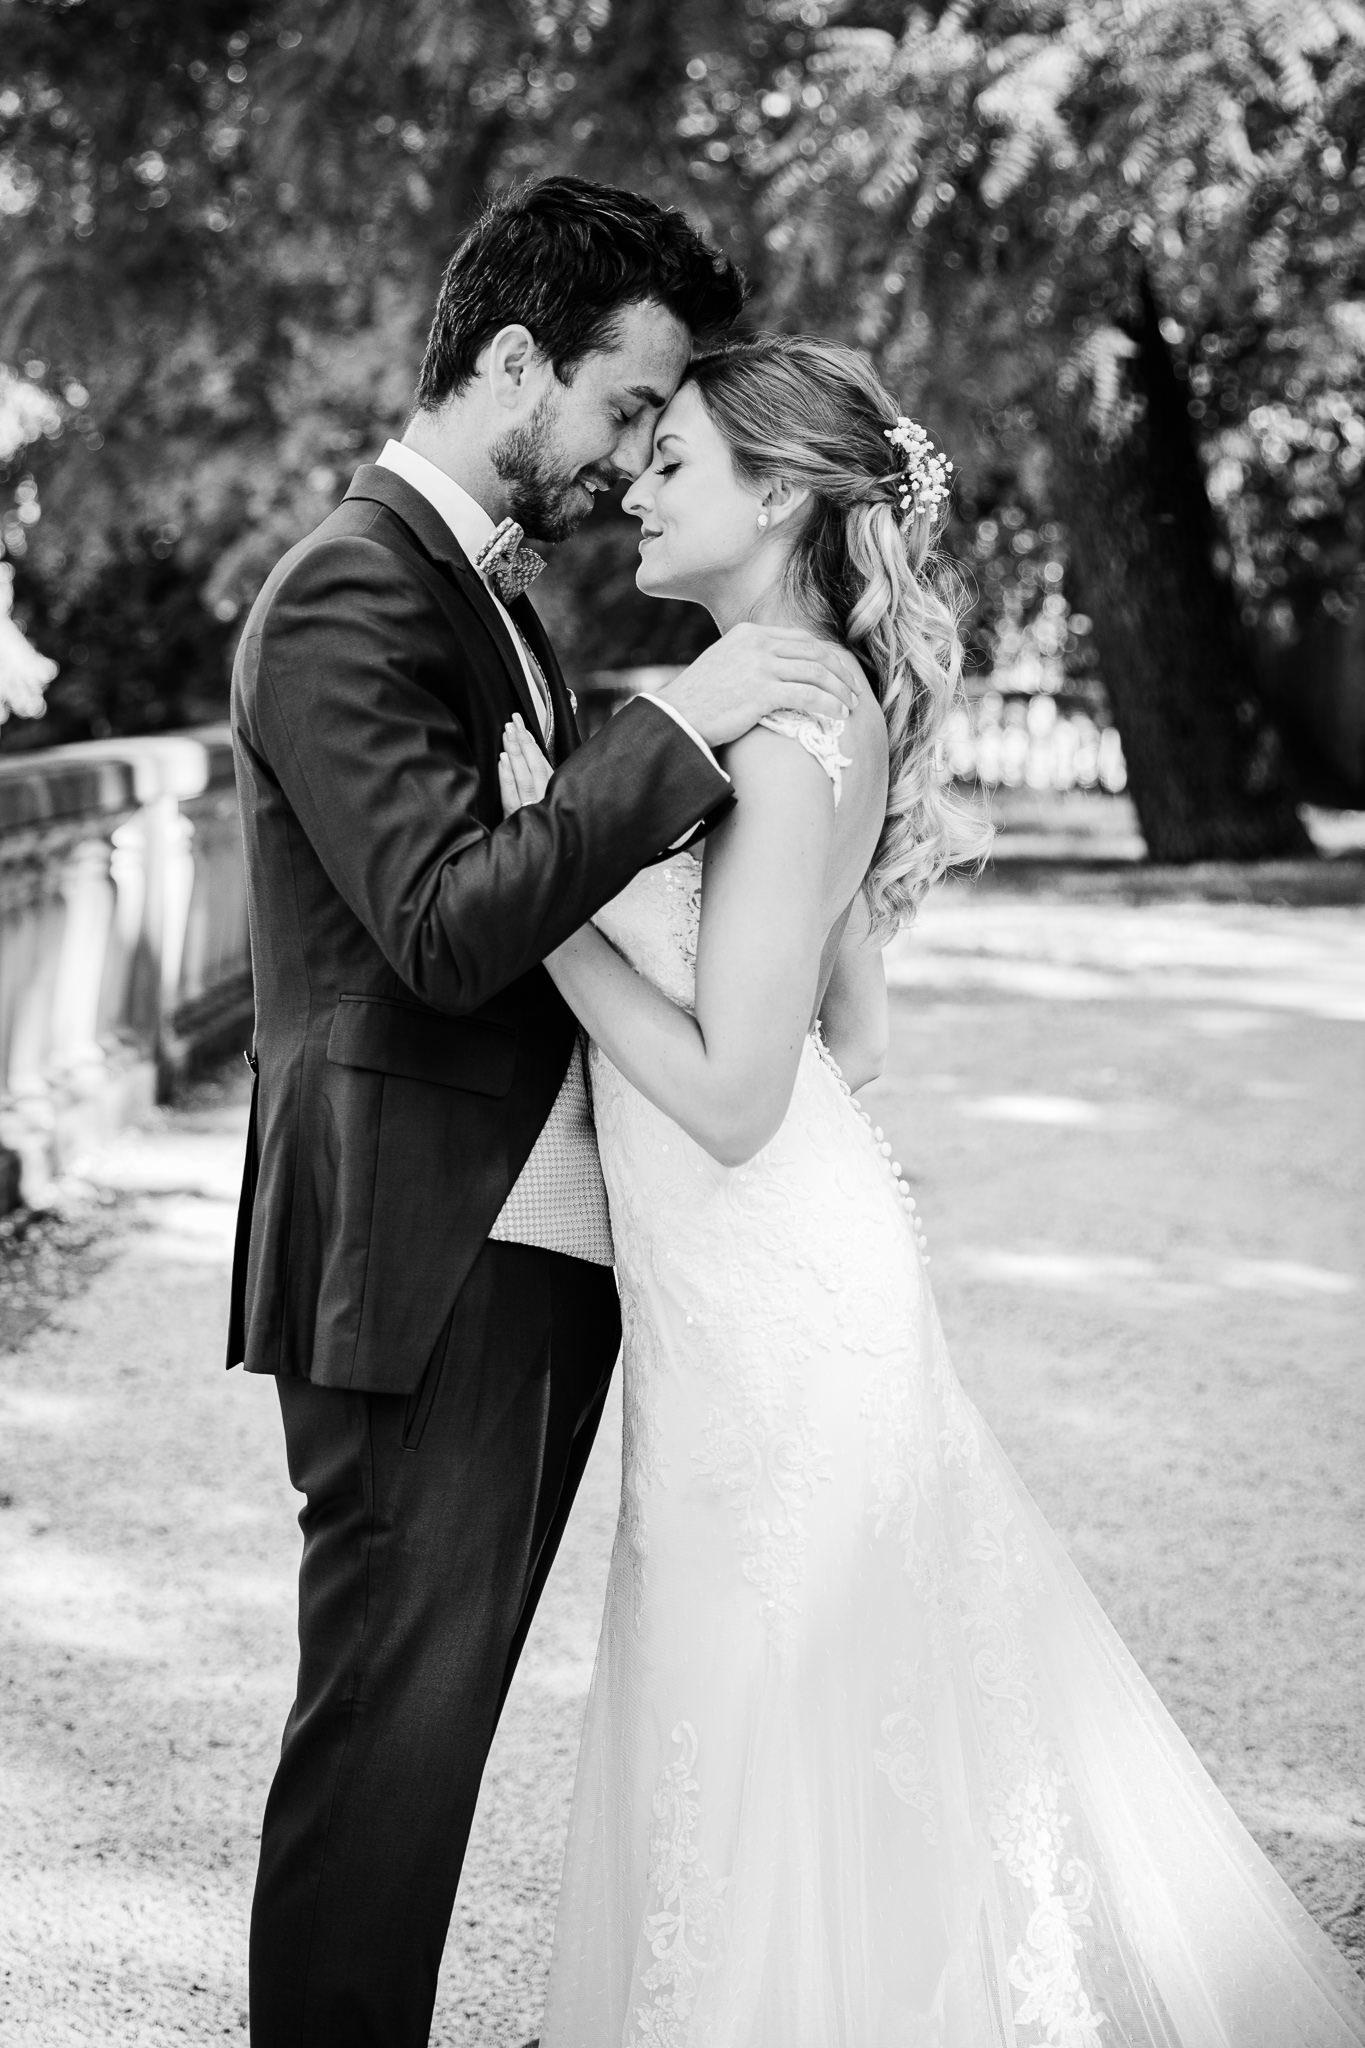 Brautpaar umarmt sich und steht eng zusammen. Bereit zum Kuss. After Wedding Shoot in Heidelberg.